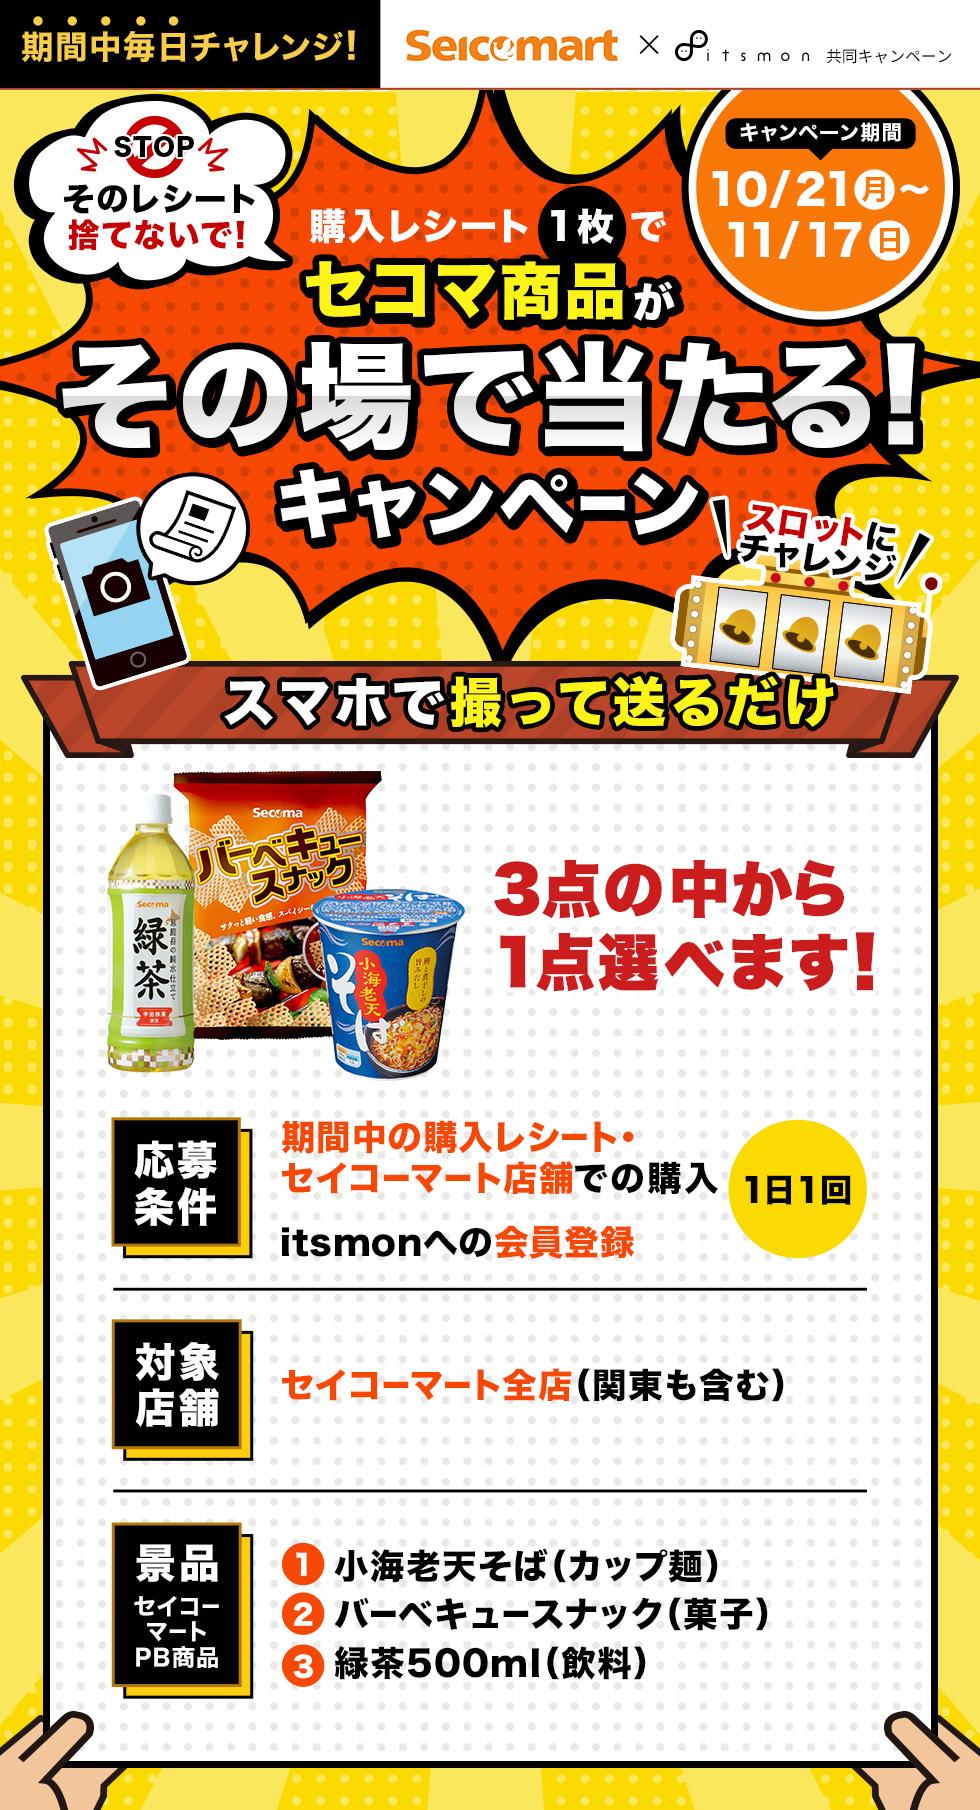 「セコマ」のレシート、撮って、送って、その場で商品当たるキャンペーン!